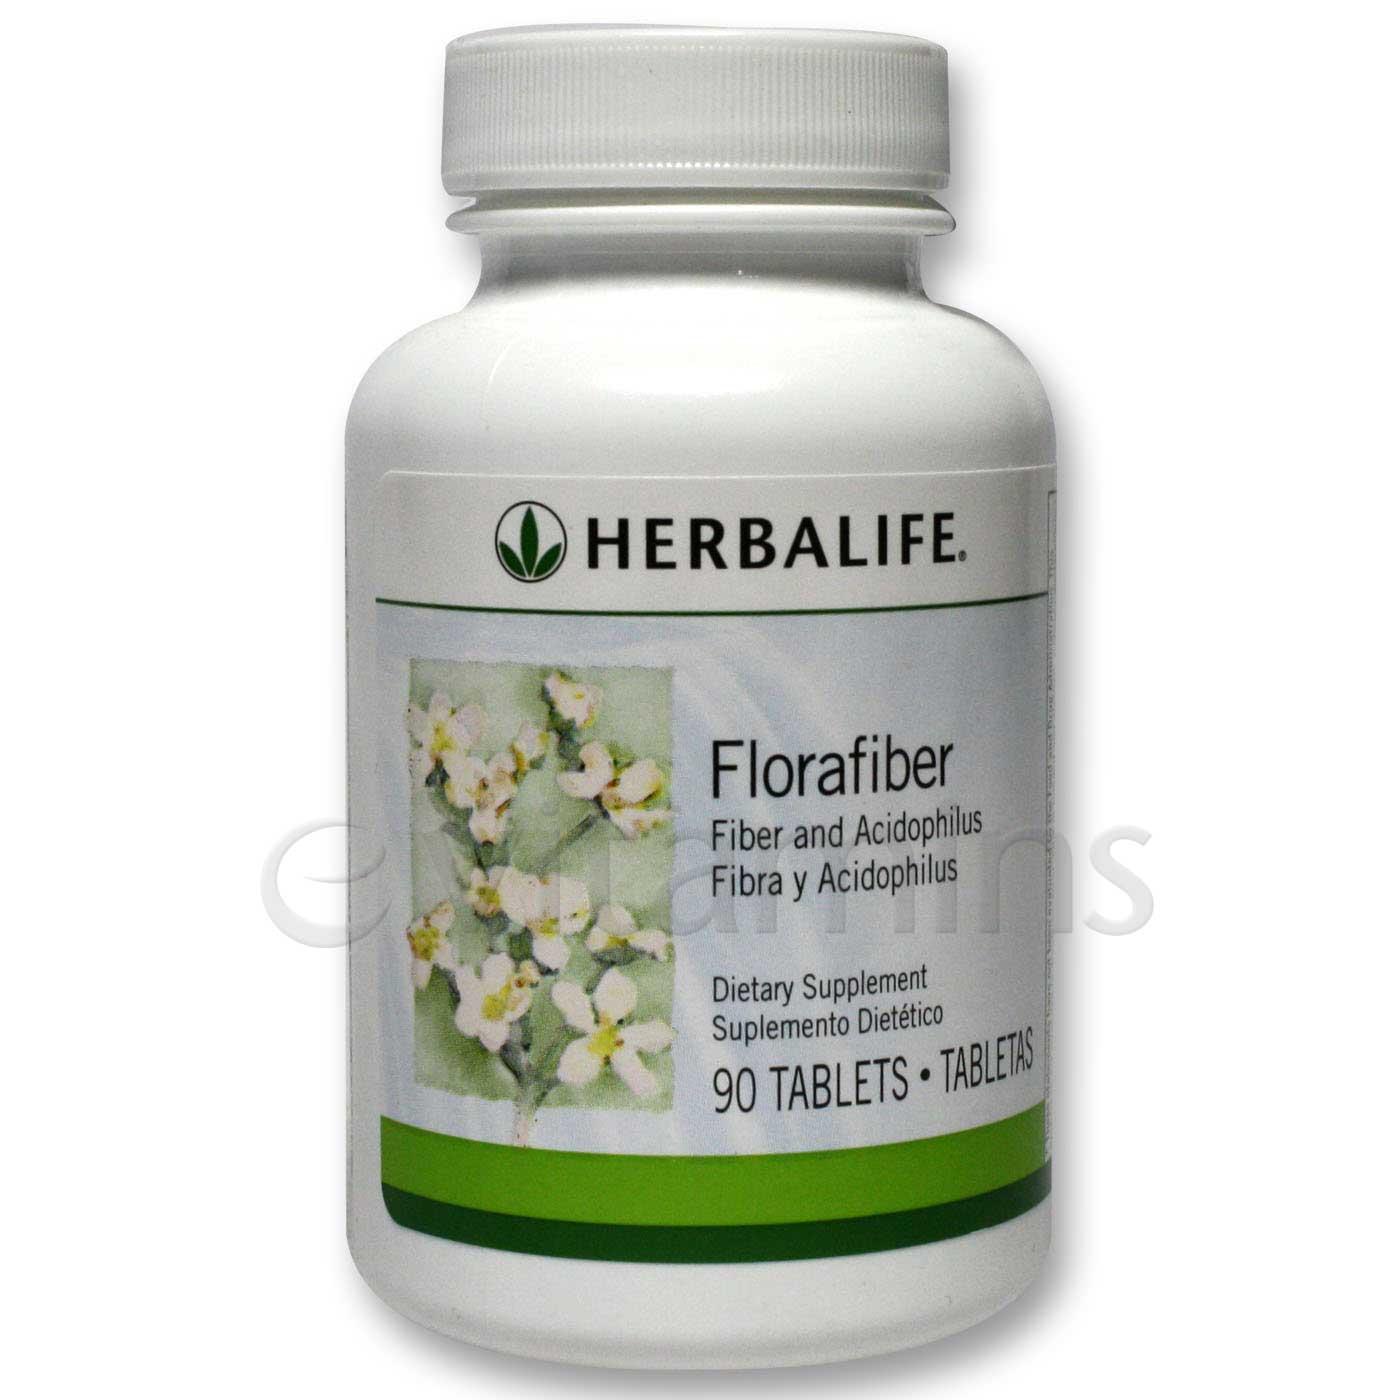 Herbalife Tea Review